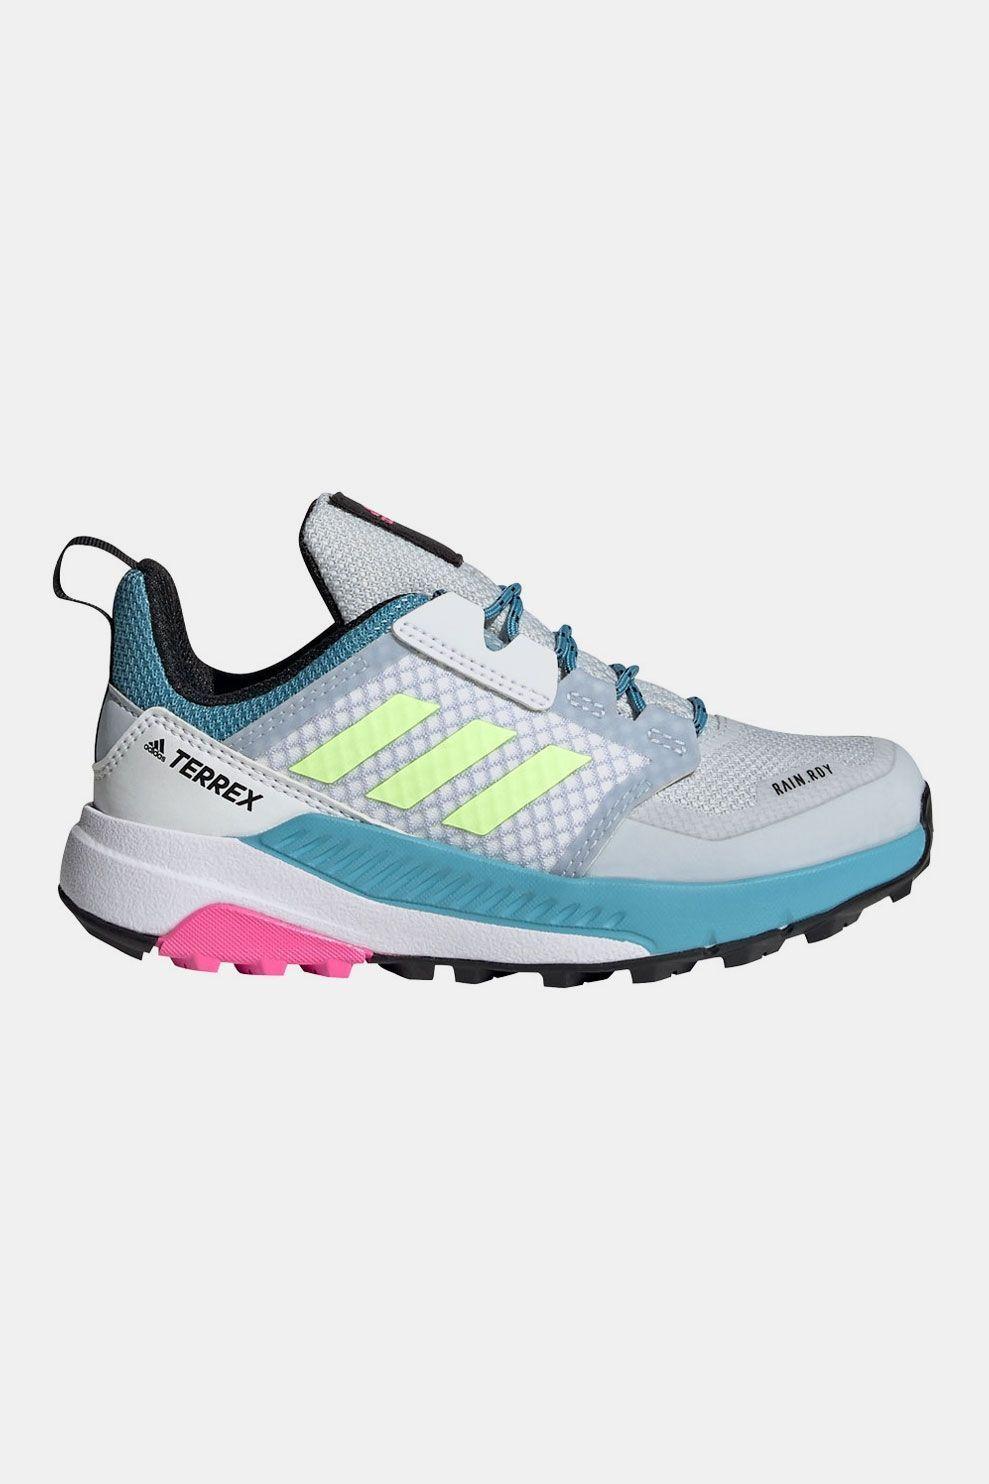 adidas Terrex Trailmaker Schoenen Junior Middengrijs/Middenblauw